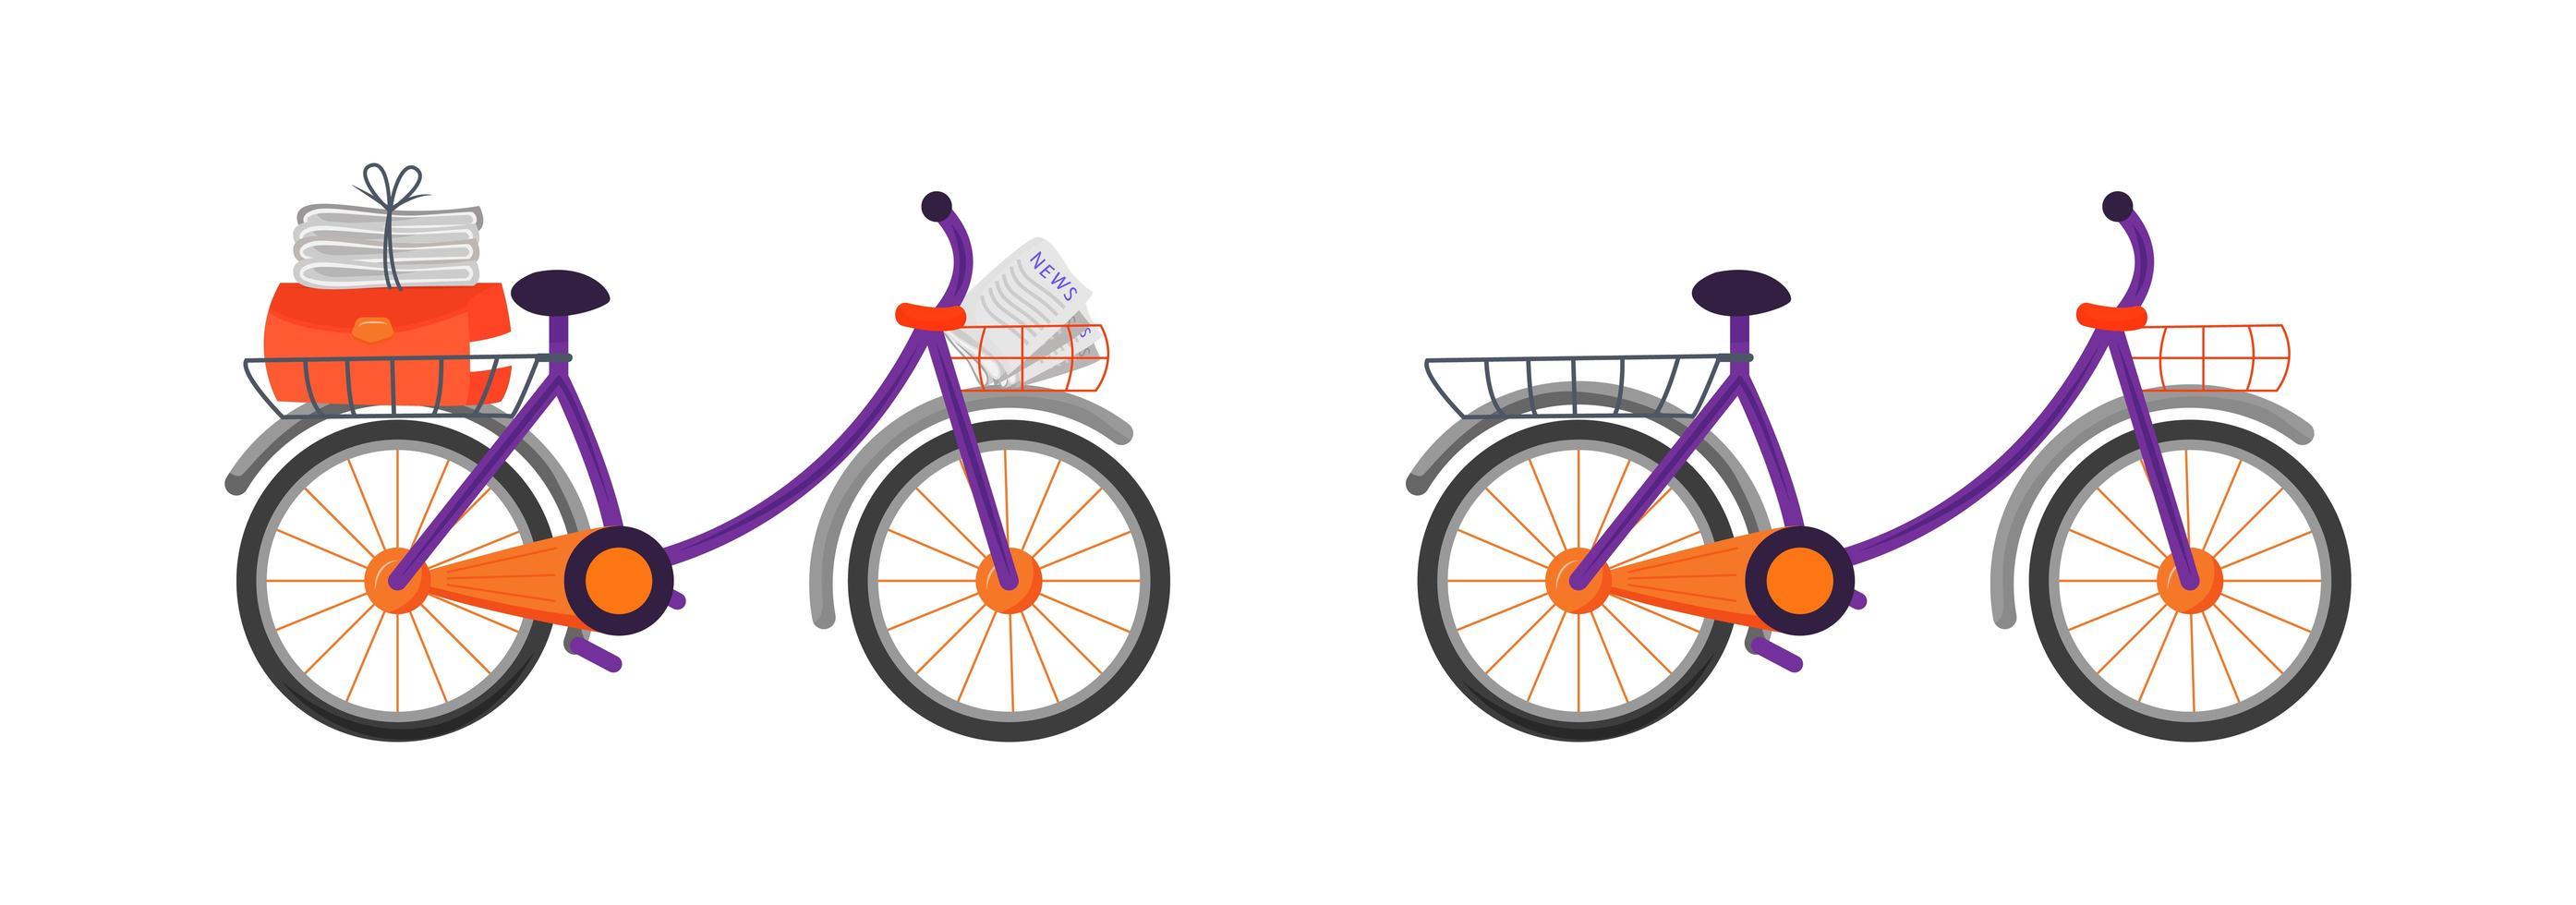 koerier fiets plat object ingesteld vector